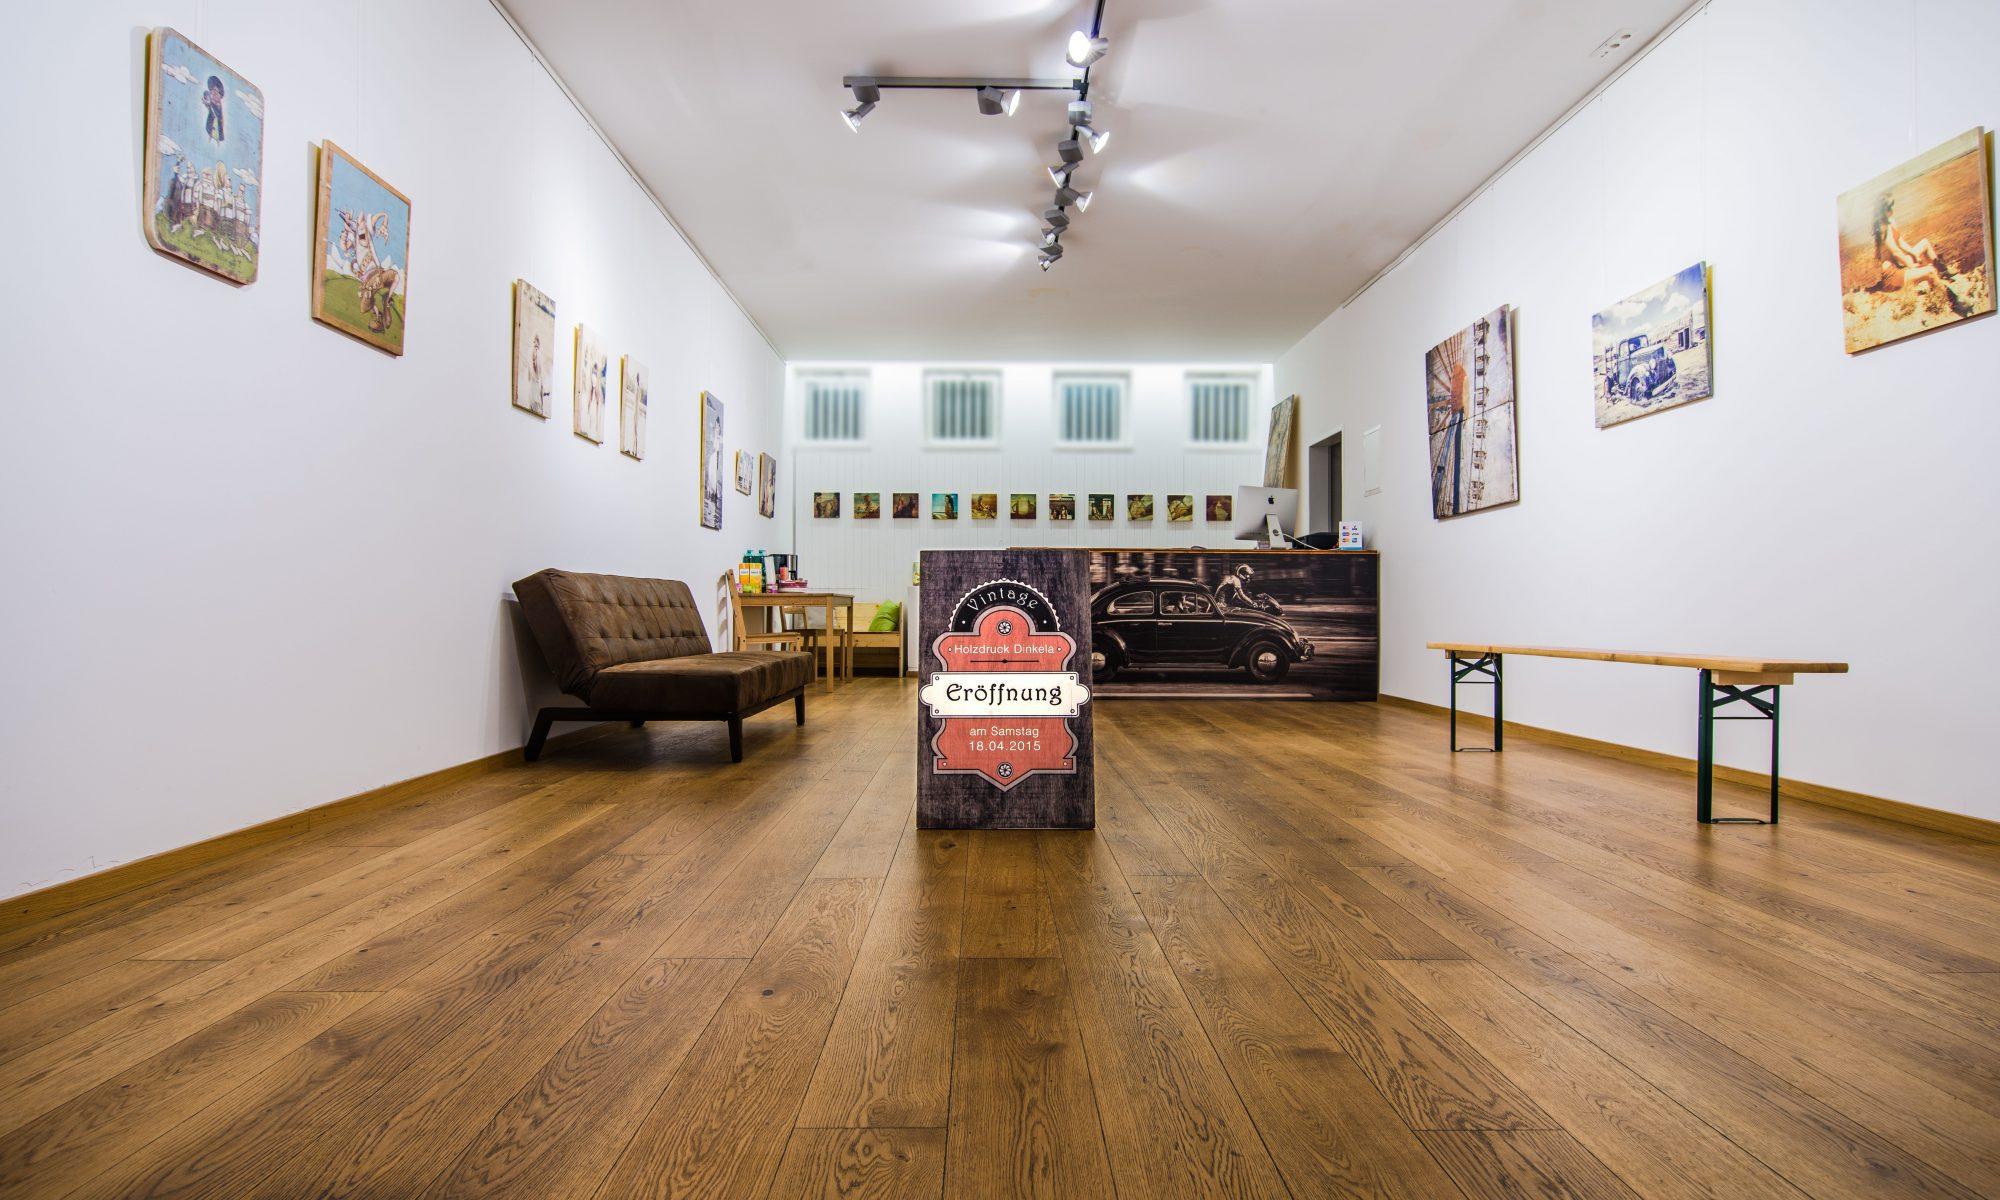 Holzdruck Galerie